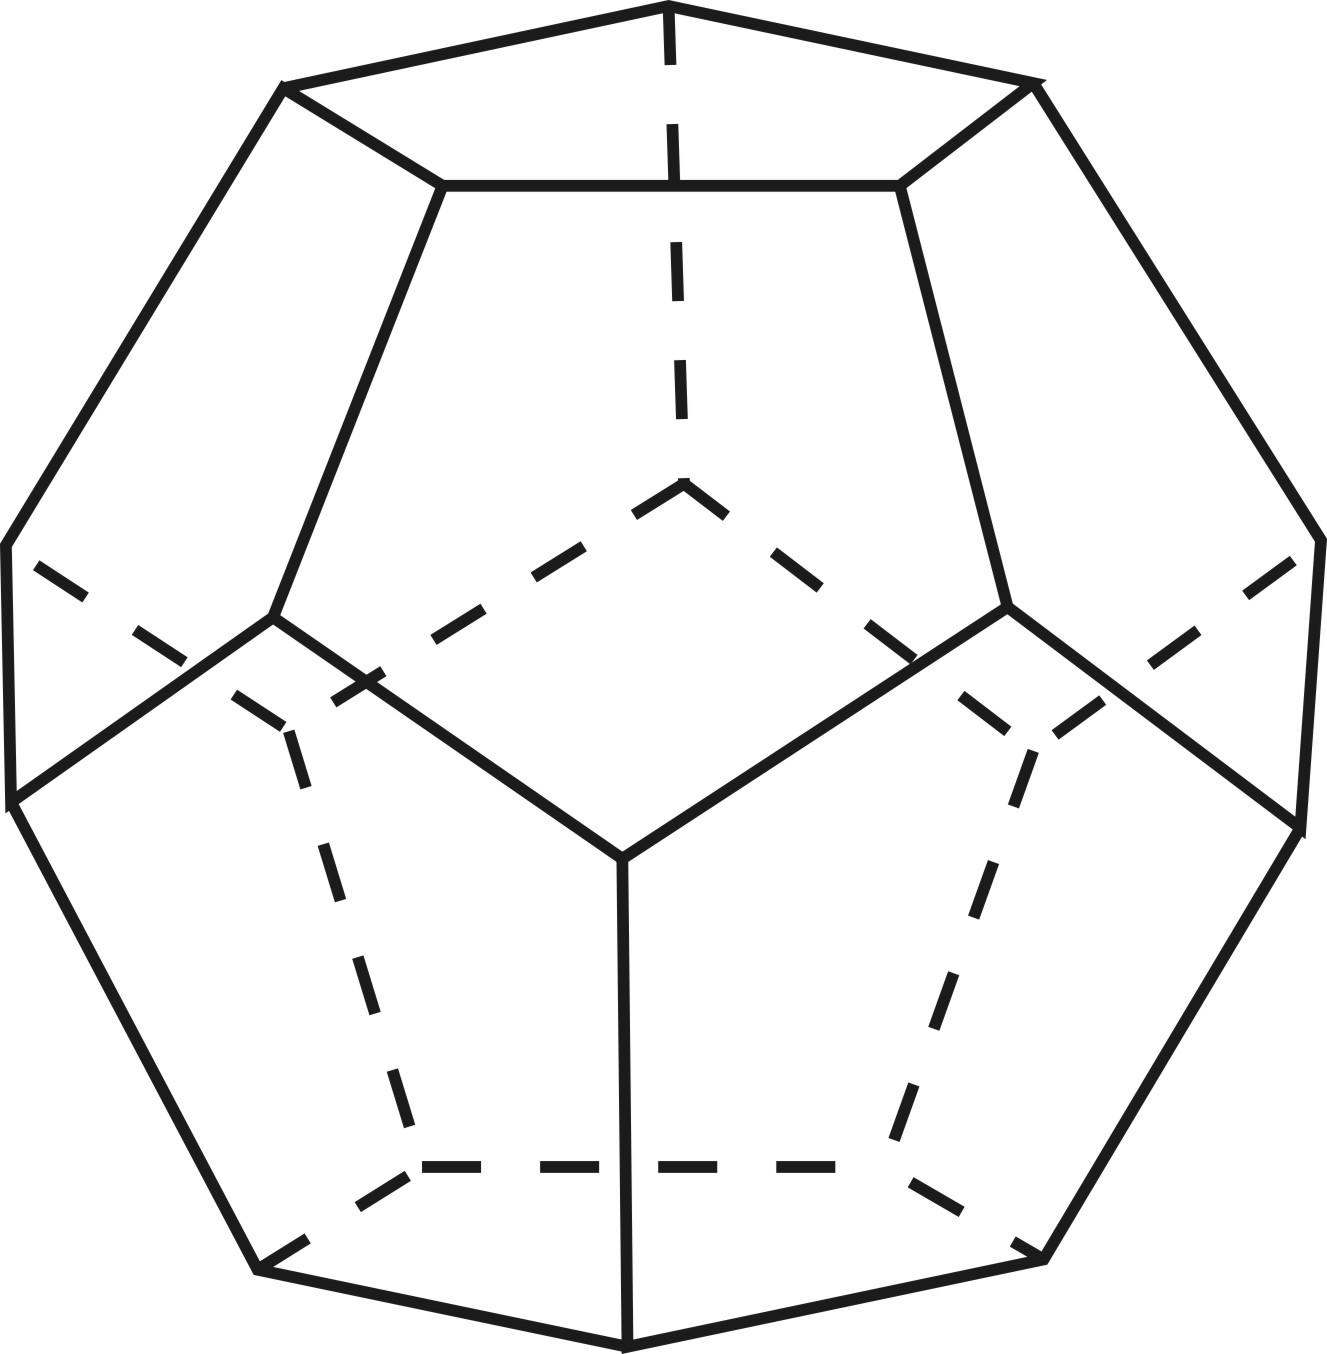 купить дорисуй и раскрась картинки олимпийские кольца шестиугольник и многоугольник вполне нормально, когда